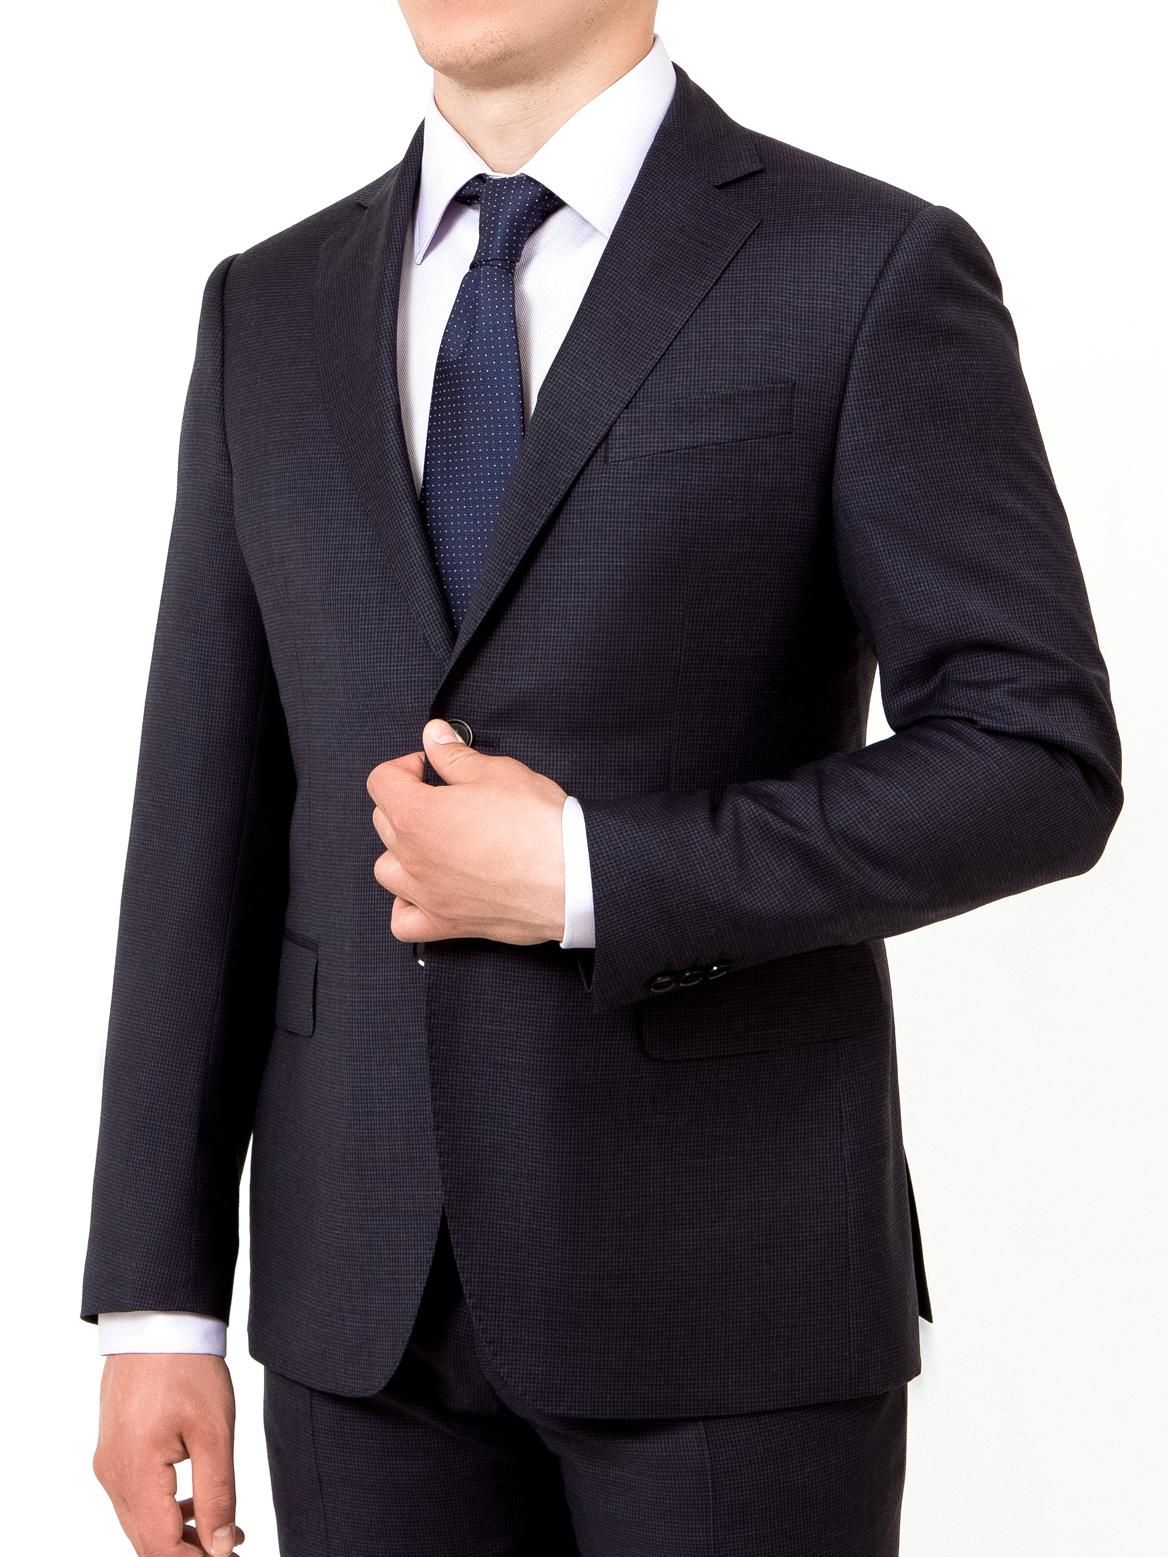 eb957d8e0b78 Интернет-магазин мужской одежды   Сеть магазинов мужской одежды ...